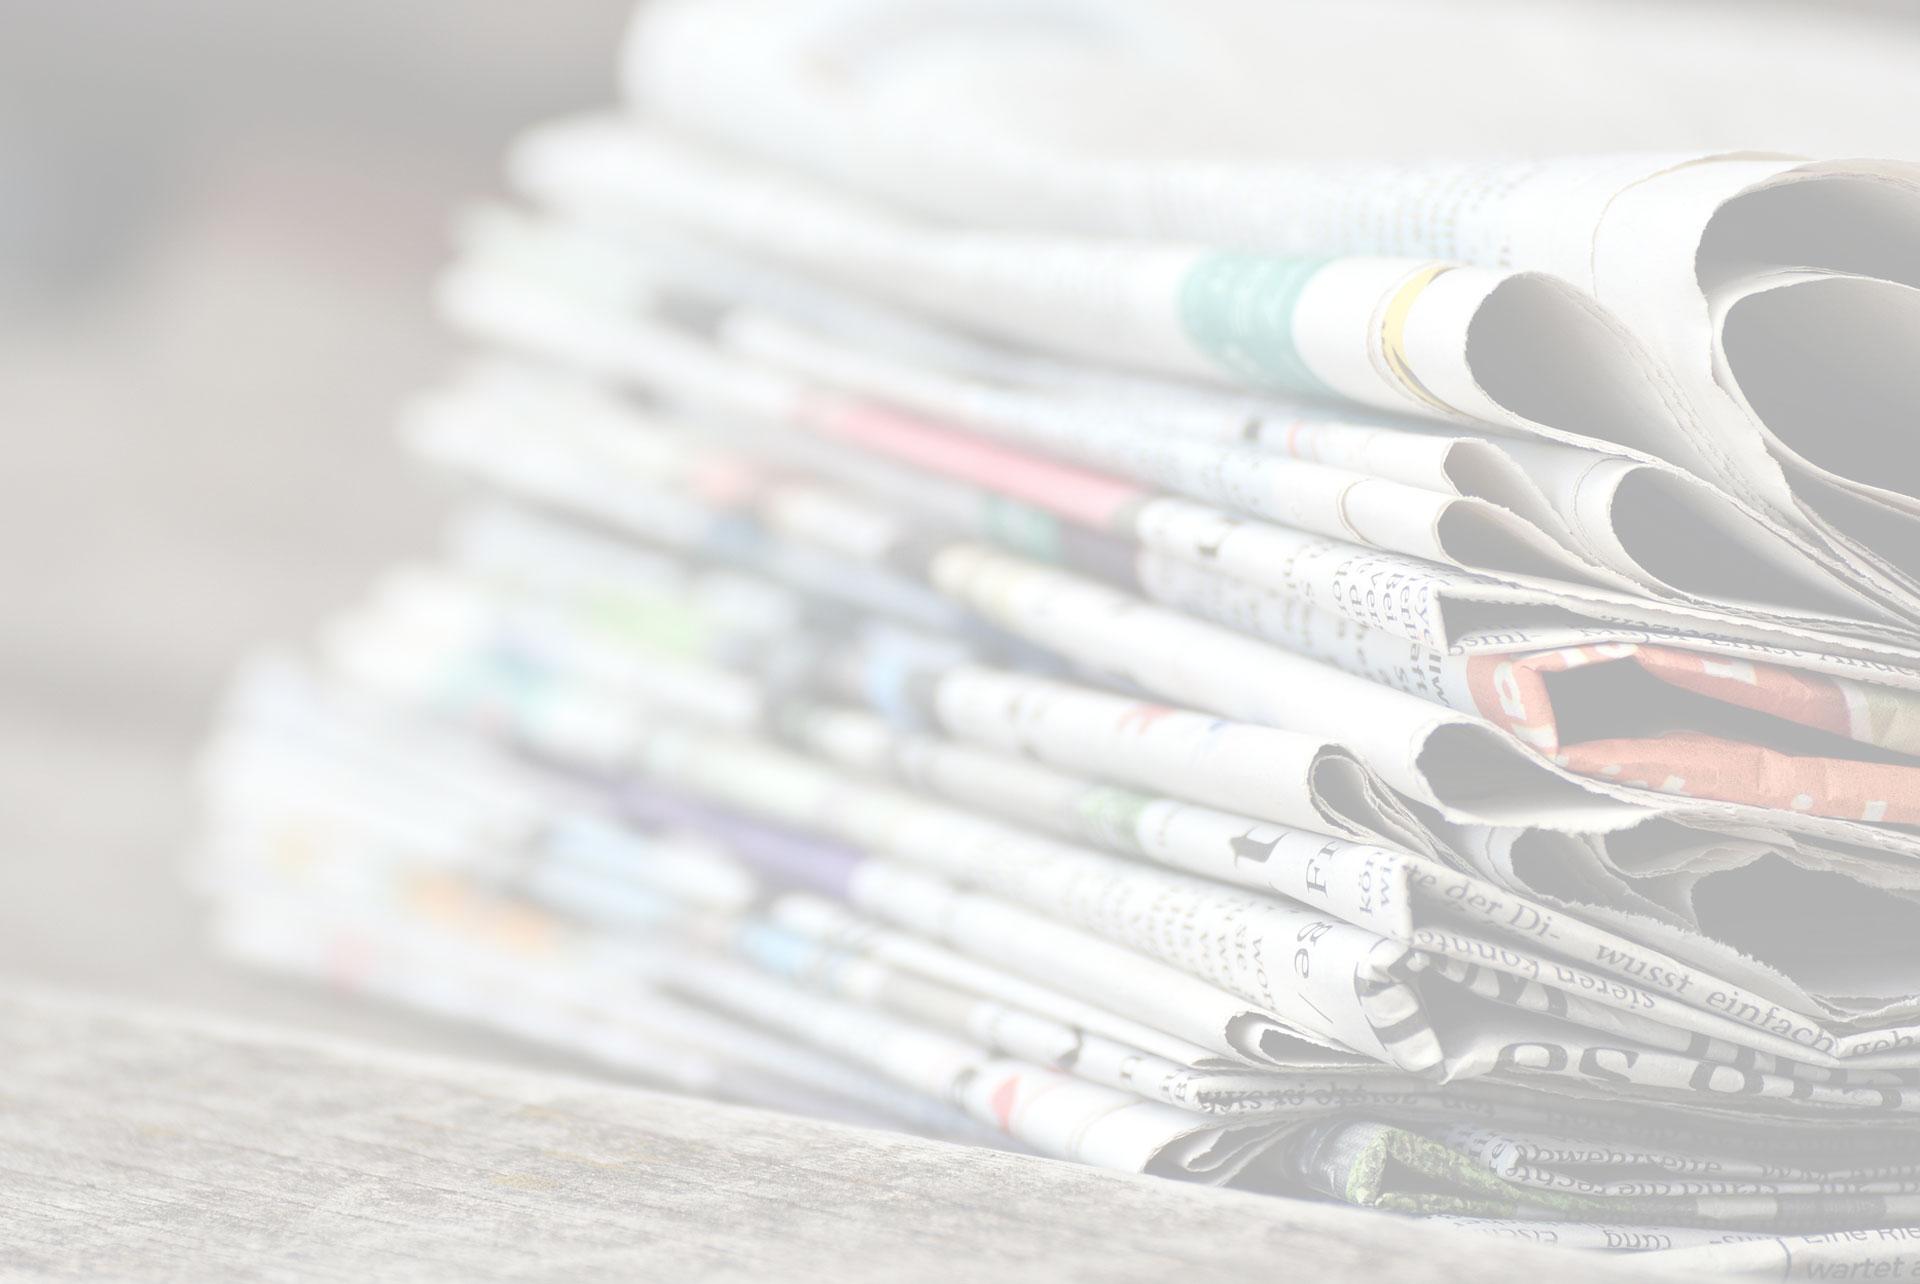 Svolta in Scozia, assorbenti gratis: è la prima volta nel mondo